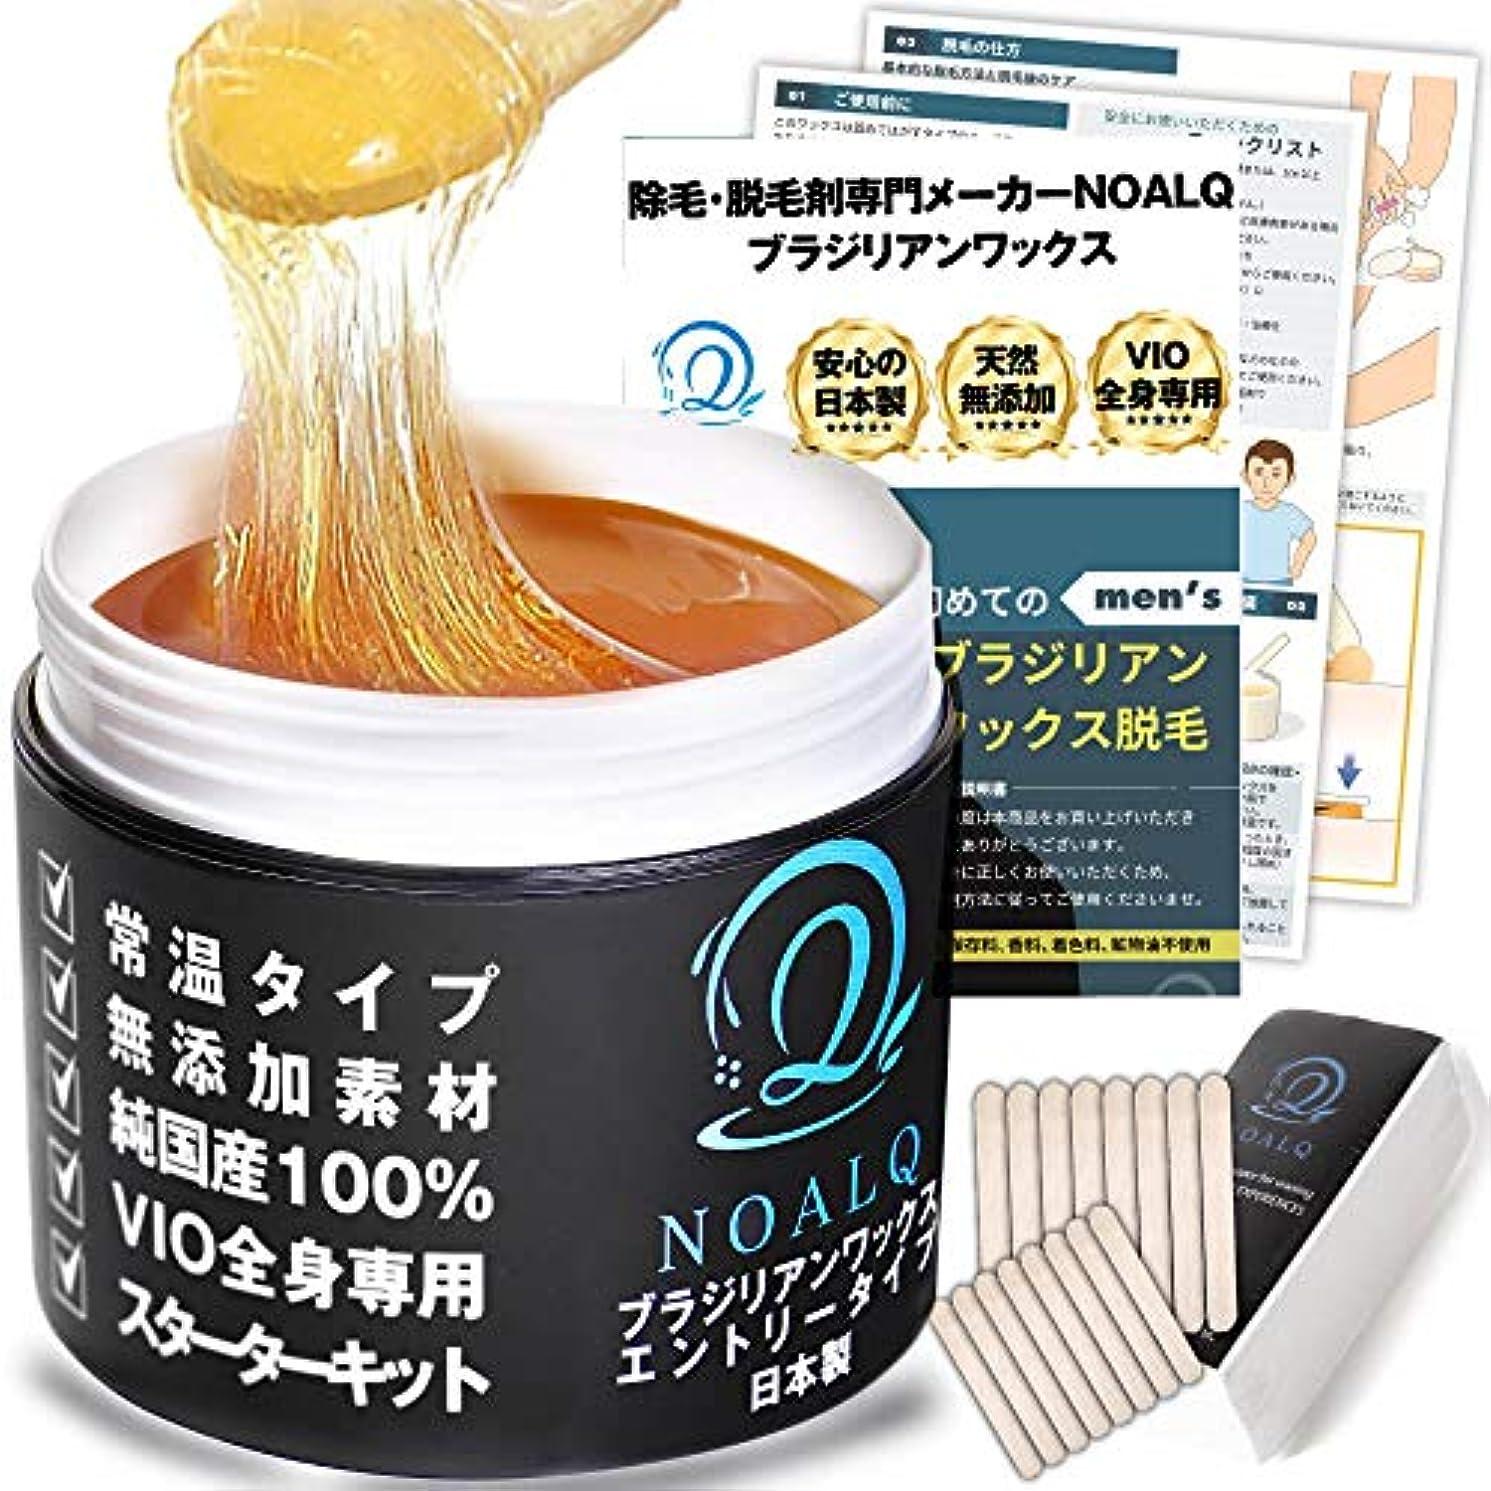 不透明なファウル注釈NOALQ(ノアルク) ブラジリアンワックス エントリータイプ 天然無添加素材 純国産100% VIO 全身脱毛専用 スターターキット